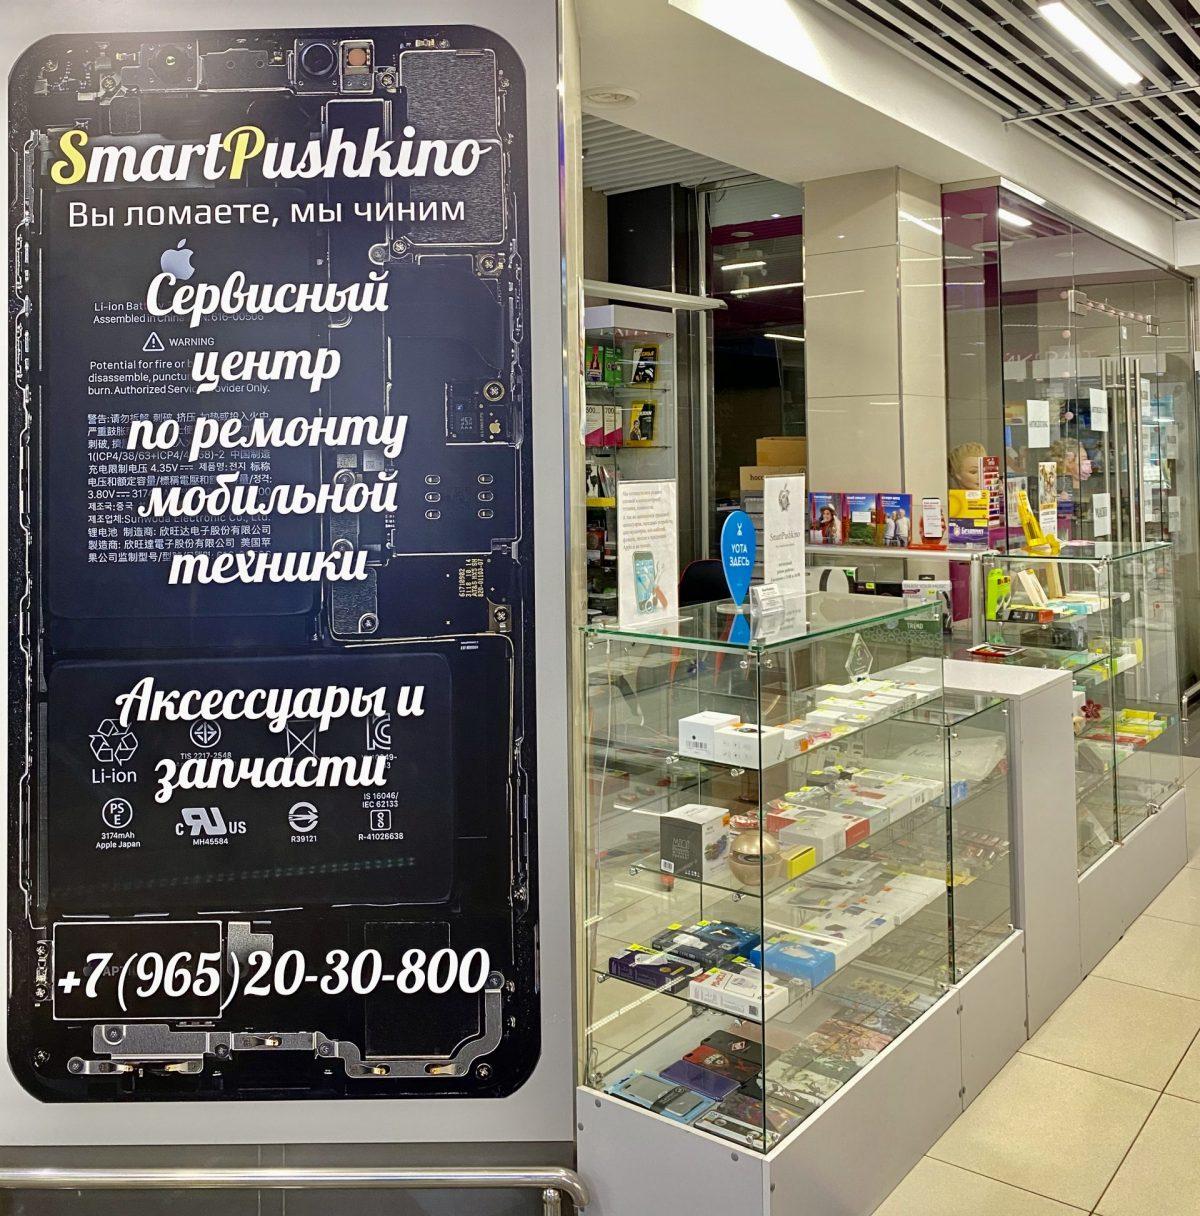 Smart Pushkino